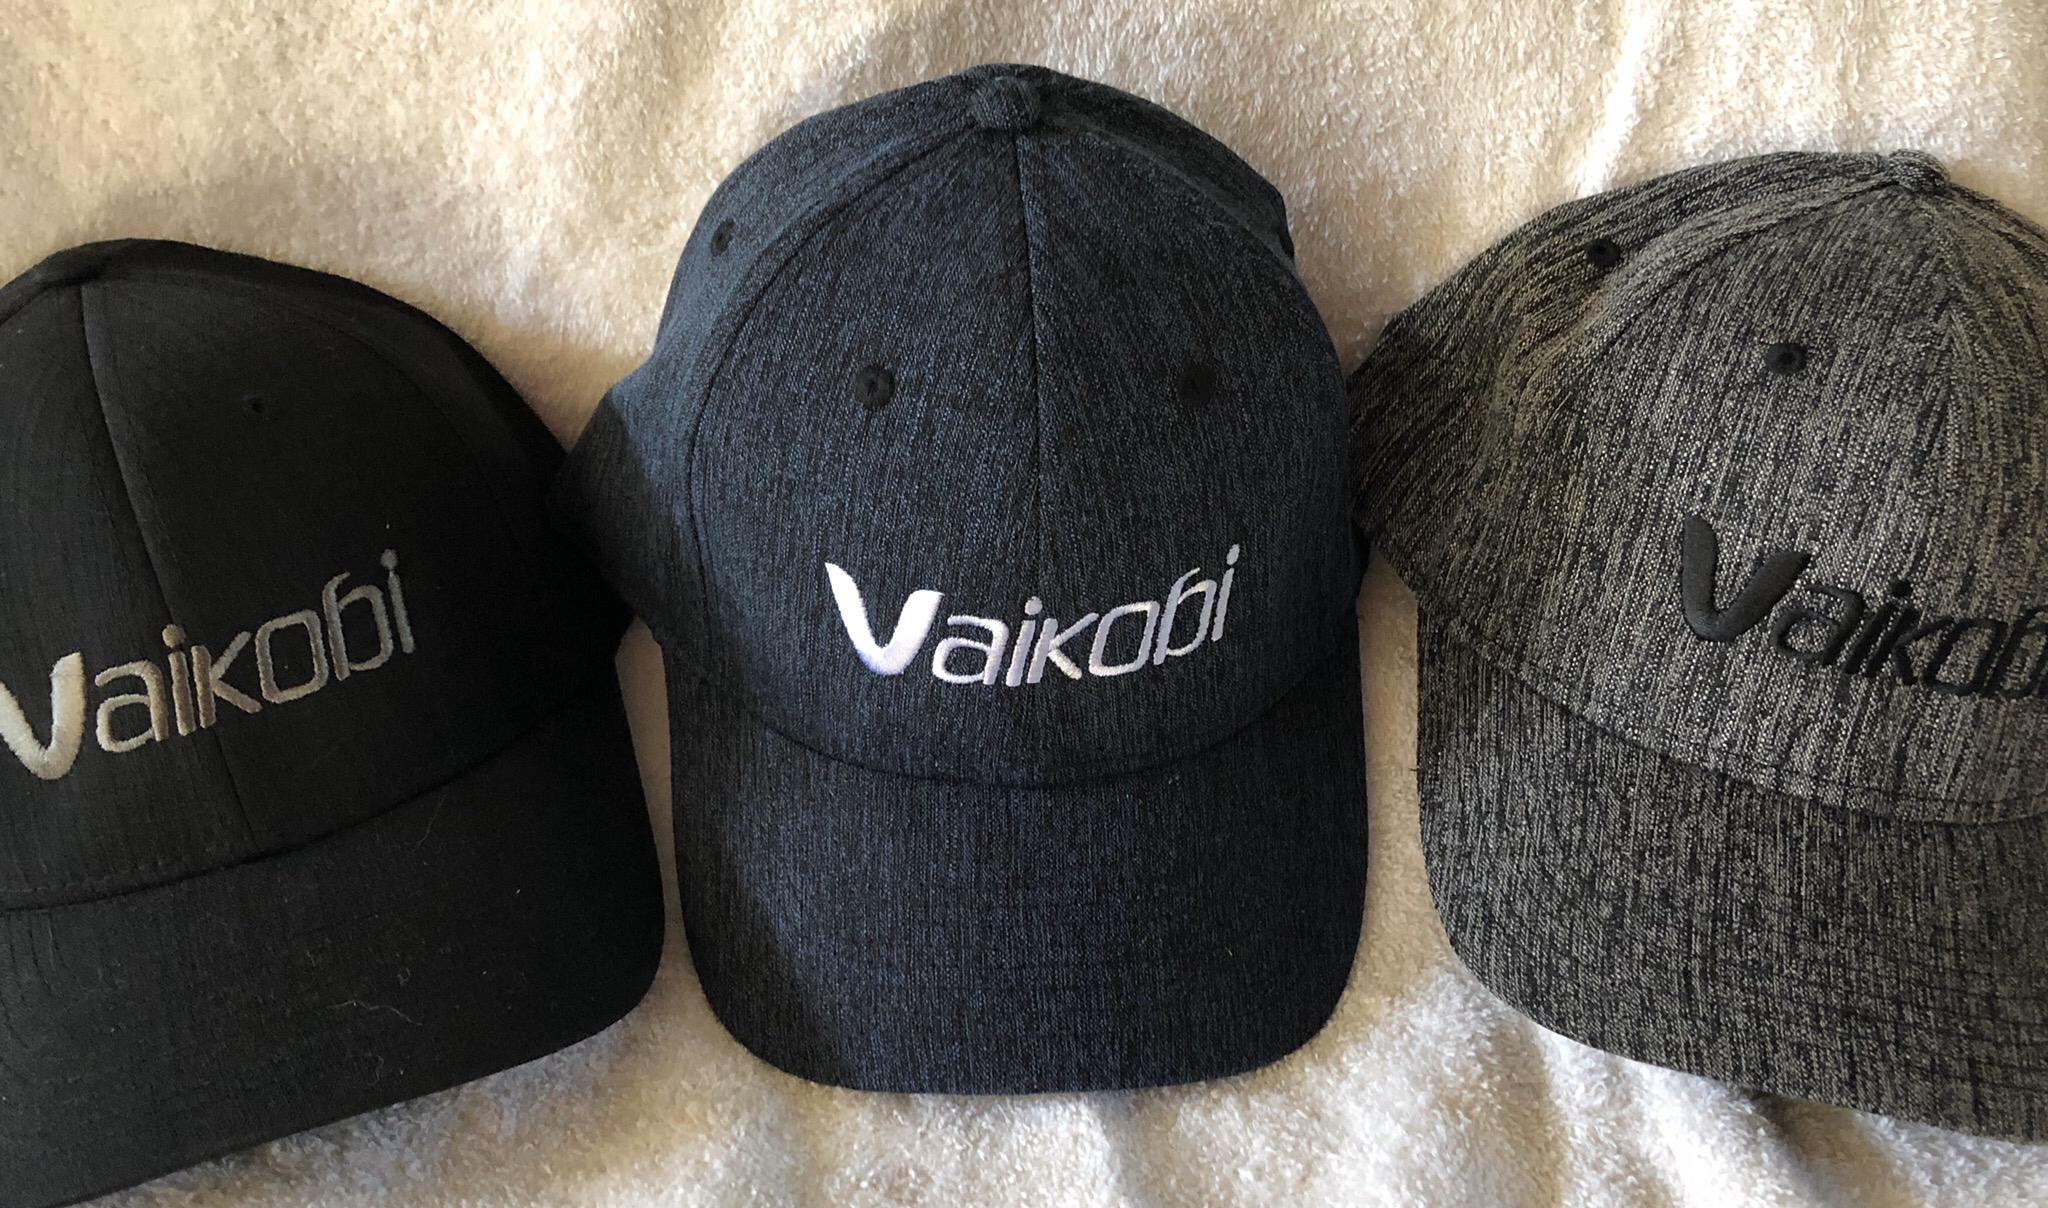 Vaikobi Pro Hat 00228